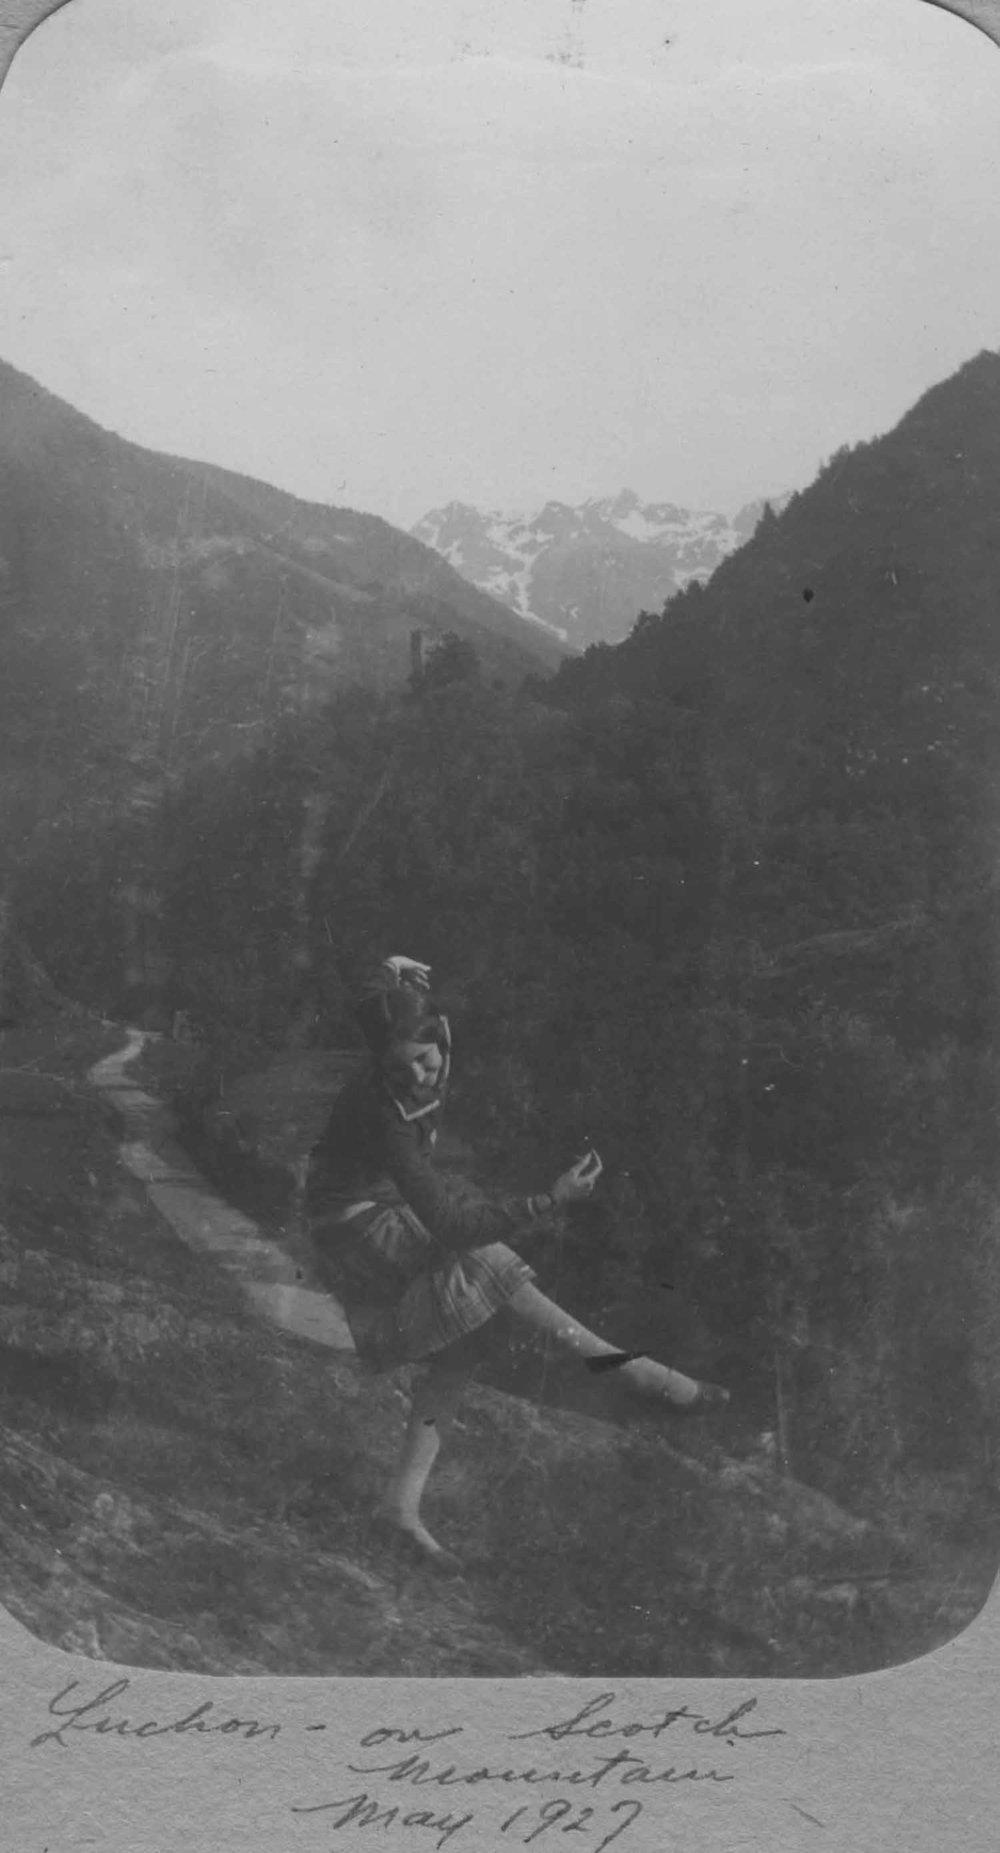 Anais 1927 11 May Pyranees.jpg